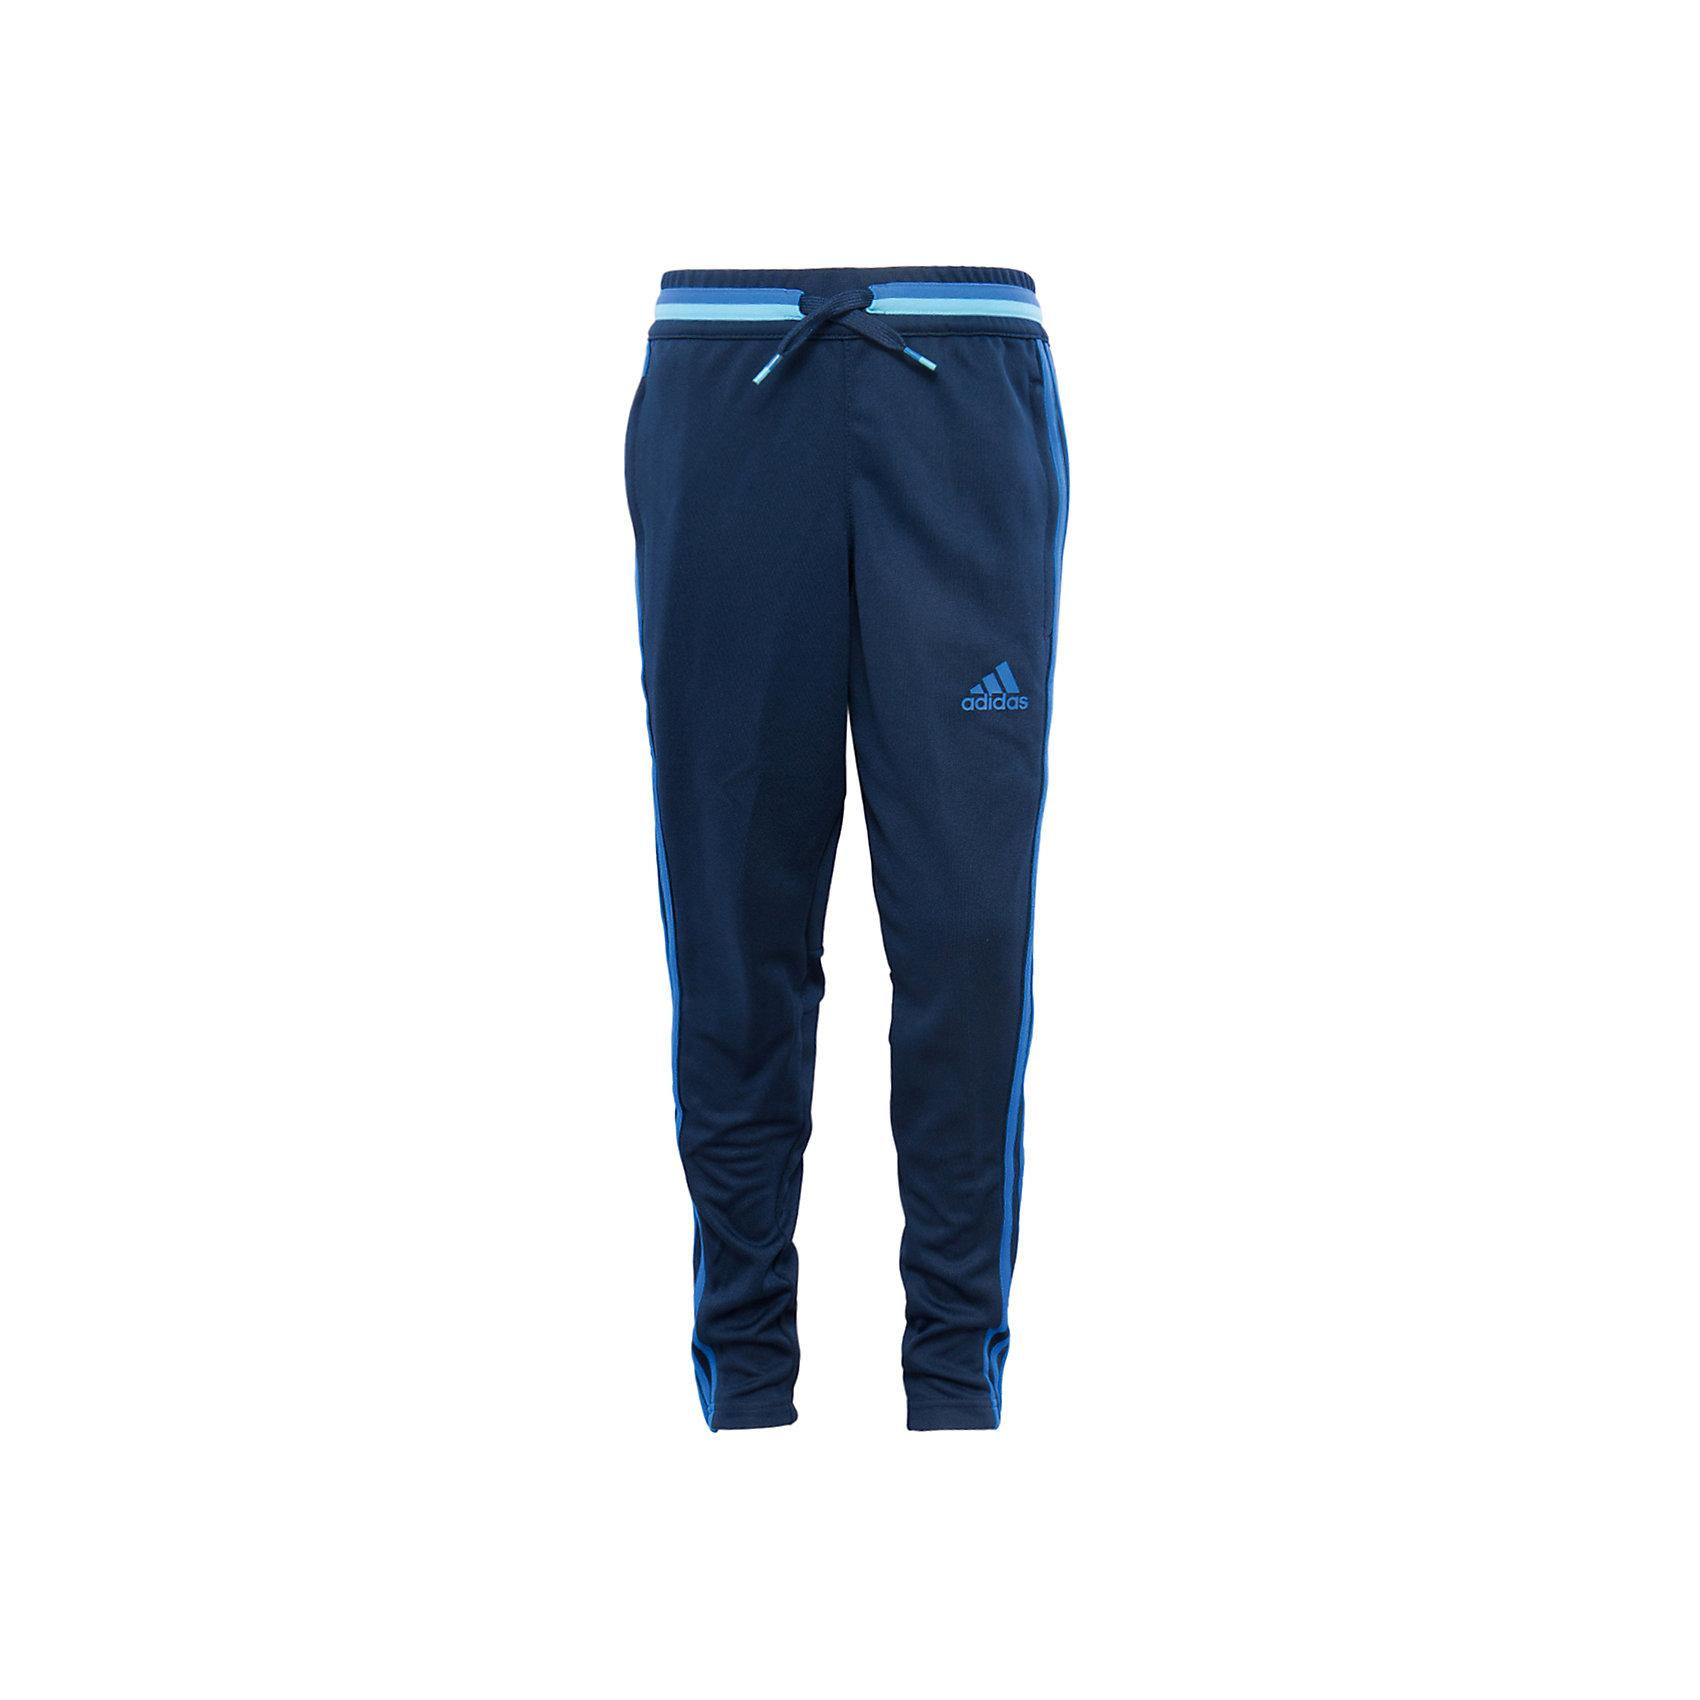 Трикотажные брюки adidasСпортивная одежда<br>Трикотажные брюки Аdidas (Адидас).<br><br>Характеристики:<br><br>• цвет: темно - синий;<br>• состав: 100% полиэстер;<br>• Технология climacool® сохраняет приятные ощущения прохлады и свежести благодаря специальным сетчатым вставкам<br>• Передние карманы на молнии<br>• Эластичный пояс на регулируемых завязках-шнурках; <br>• сетчатые вставки под коленями для вентиляции; <br>• рифленые вставки на голенях; <br>• молнии на щиколотках<br>• Зауженный к низу крой<br><br>Трикотажные брюки от известного бренда Аdidas (Адидас)-эти удобные спортивные брюки отлично впишутся в гардероб  вашего ребенка. Брюки темно-синего цвета, декорированы ярко – голубыми лампасами. Данная модель выполнена на широкой  резинке в поясе, дополнительно собирается на шнурке. На брюках 2 кармана, застегивающихся на молнии. В прохладную погоду или вечером, в этих брюках юный спортсмен сможет воспользоваться любой возможностью пойти на тренировку. Модель с освежающей технологией climacool® обеспечивает необходимую вентиляцию и поддерживает комфортную температуру тела. Функциональный зауженный к низу крой для удобства во время тренировки. Они хорошо сидят на ребенке, обеспечивают комфорт и отлично сочетаются с другой спортивной одеждой. <br><br>Трикотажные брюки Аdidas (Адидас), можно купить в нашем интернет-магазине.<br><br>Ширина мм: 215<br>Глубина мм: 88<br>Высота мм: 191<br>Вес г: 336<br>Цвет: голубой<br>Возраст от месяцев: 156<br>Возраст до месяцев: 168<br>Пол: Мужской<br>Возраст: Детский<br>Размер: 164,176,128,152<br>SKU: 5003549